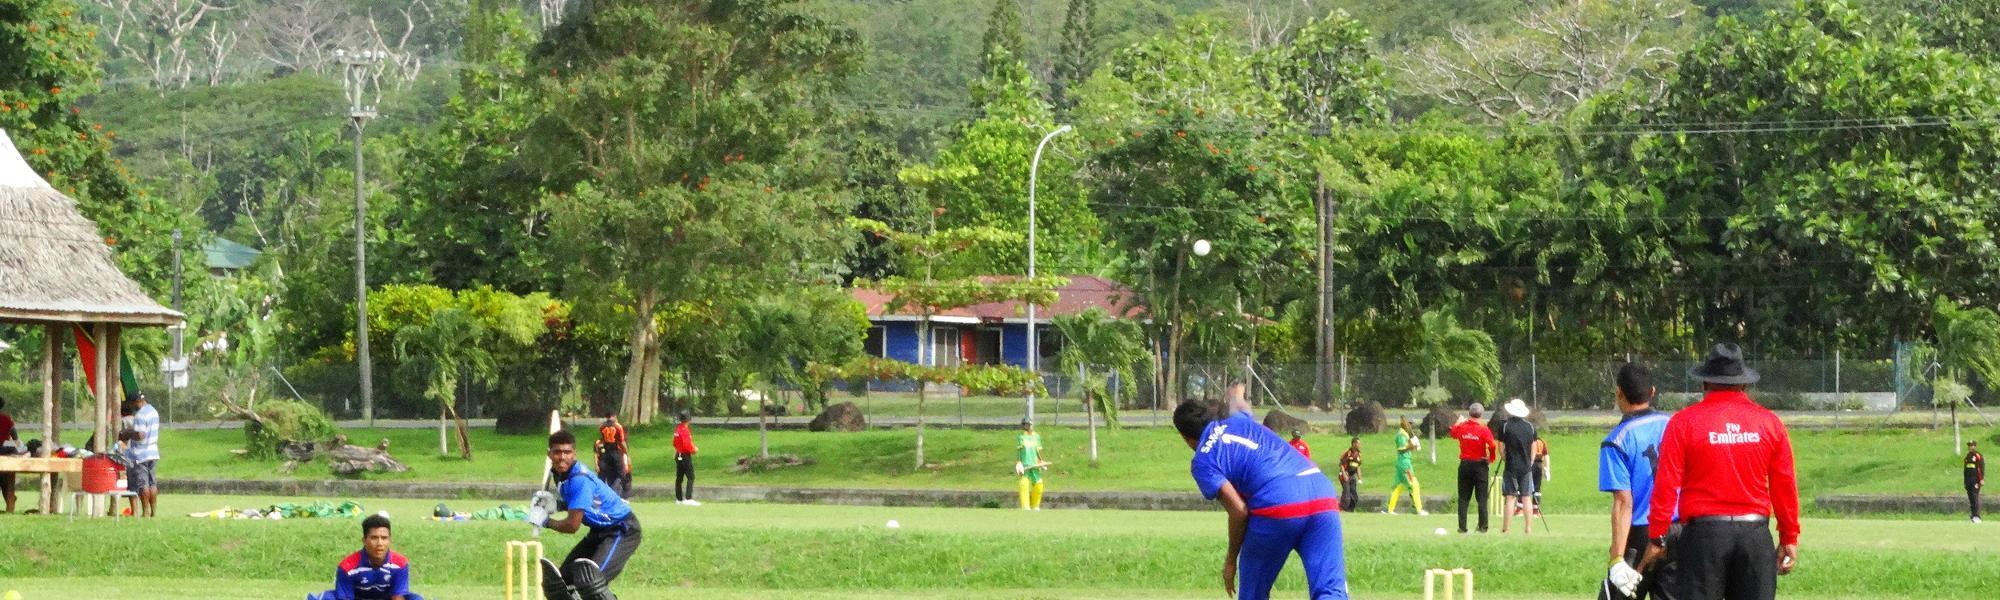 Samoa captain Solofuti Falo bowled his team to victory.